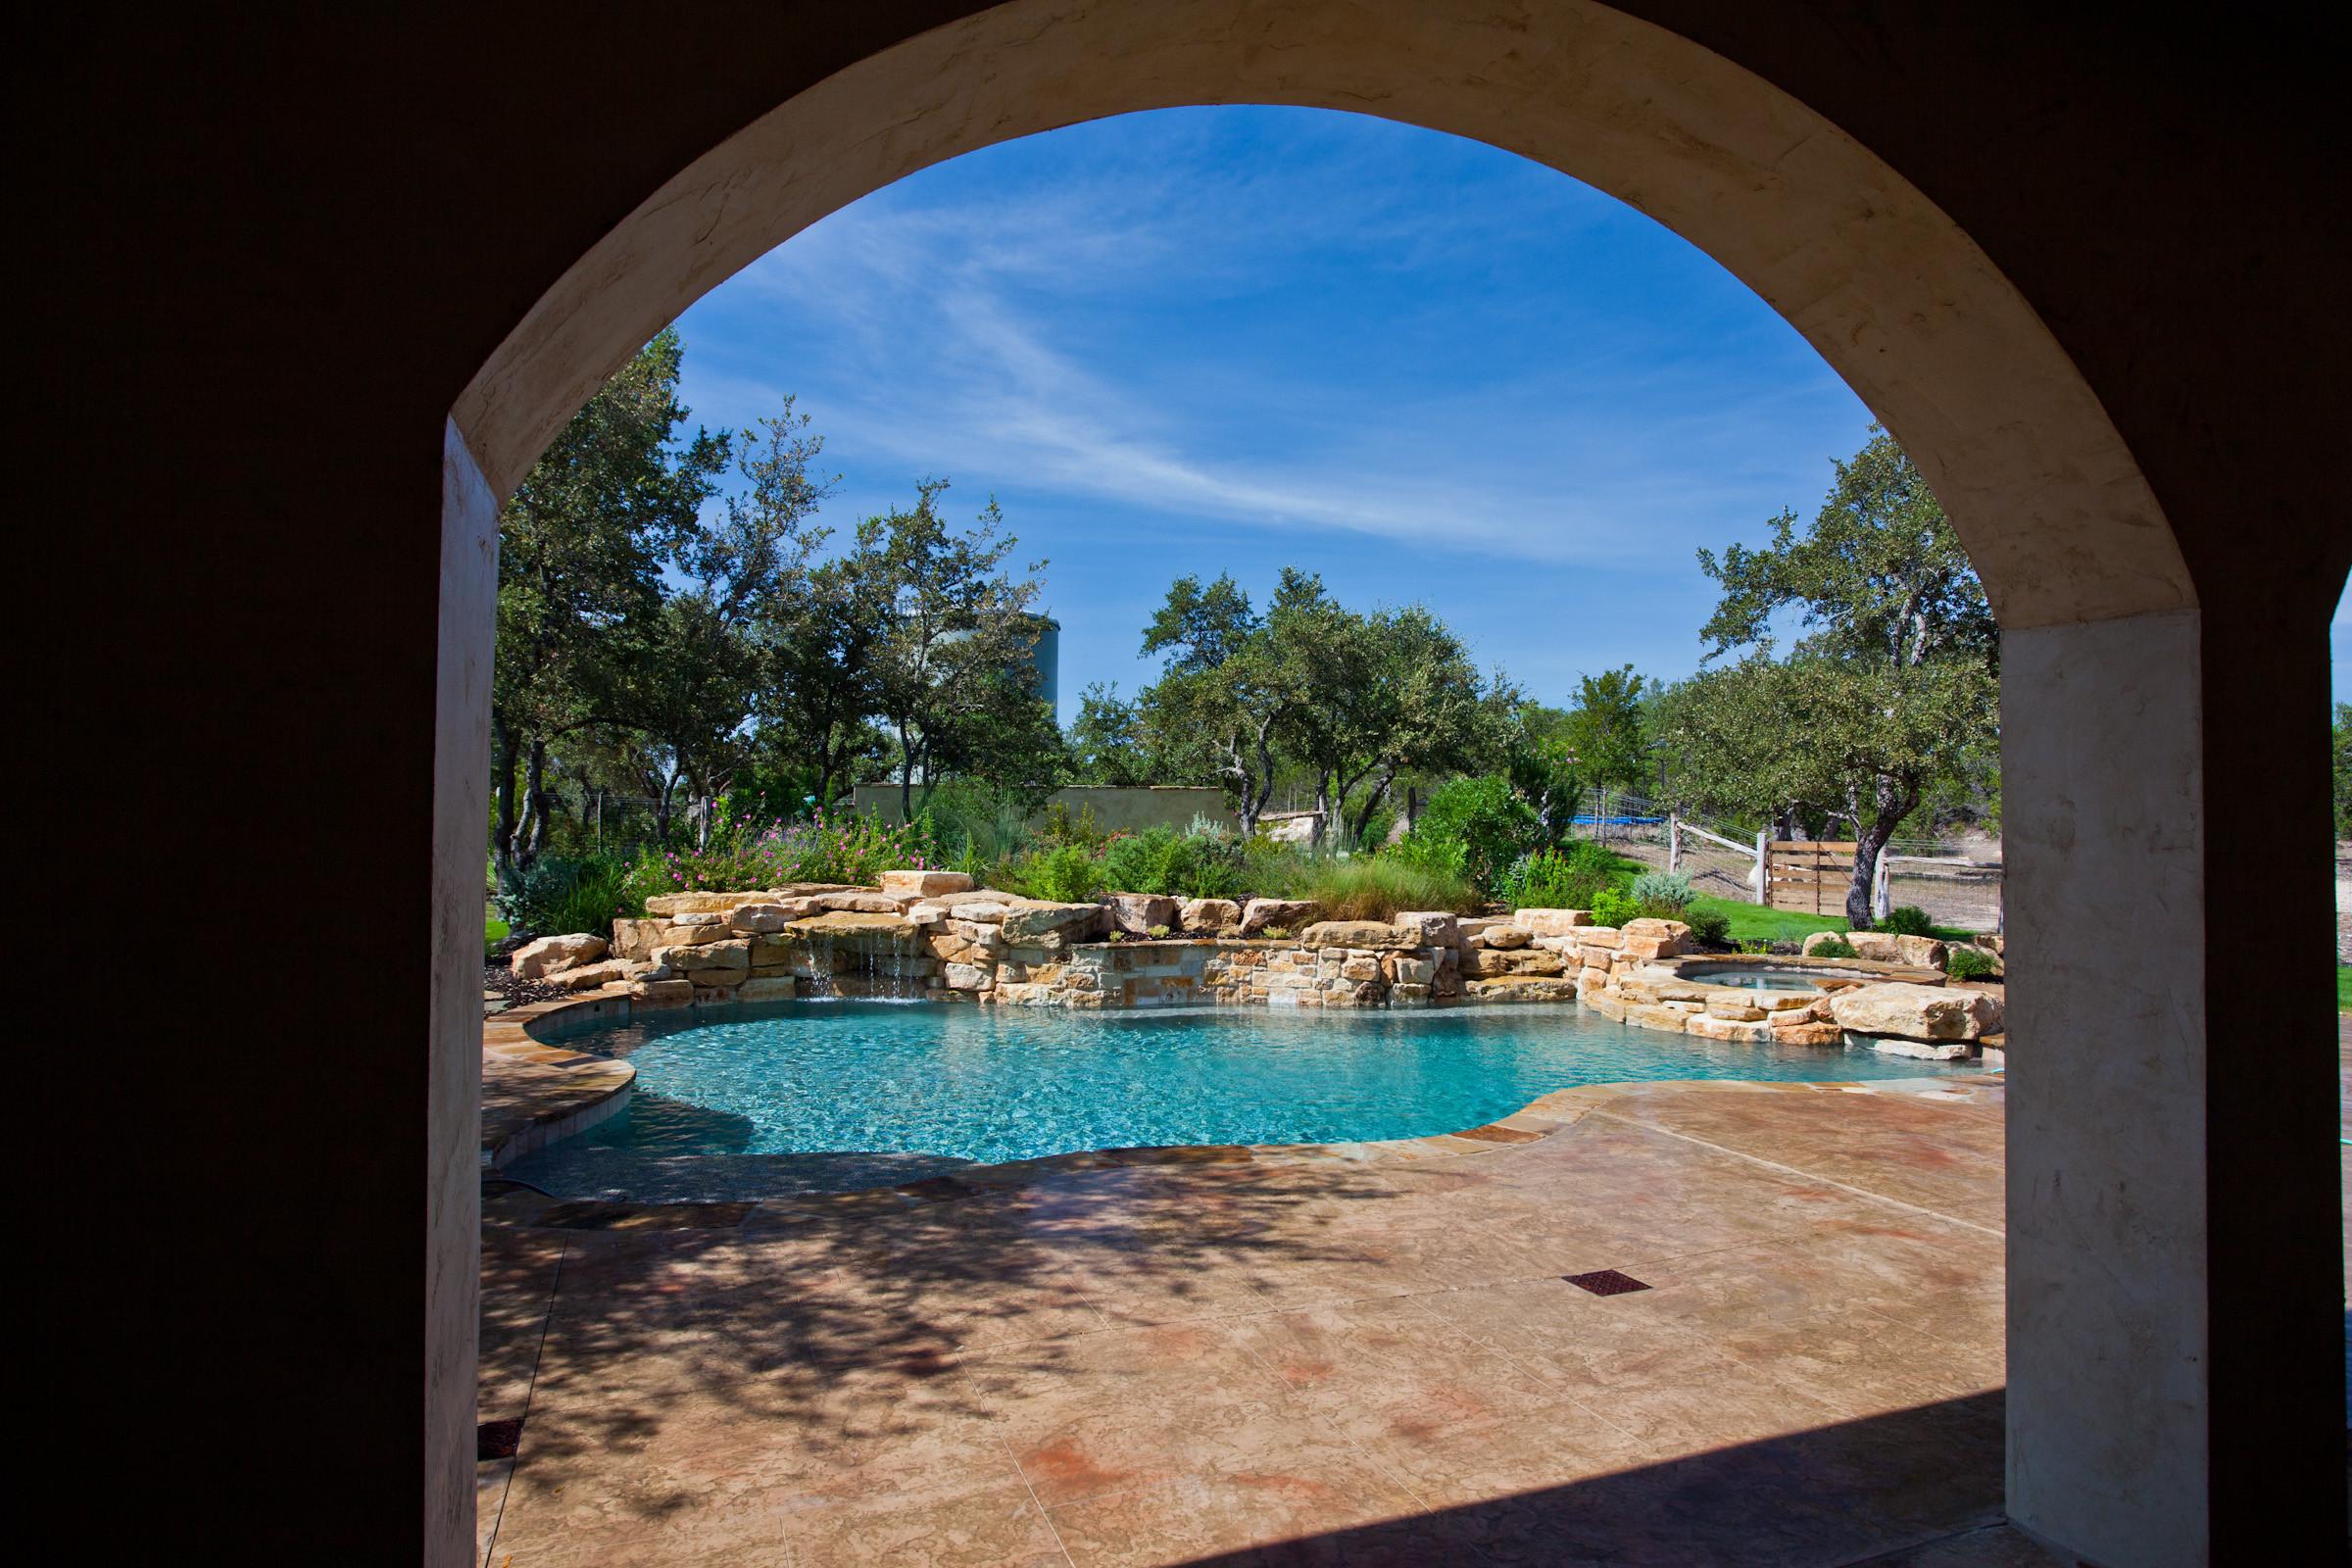 Menger Springs/Boerne Natural Pool/Spa/Landscape